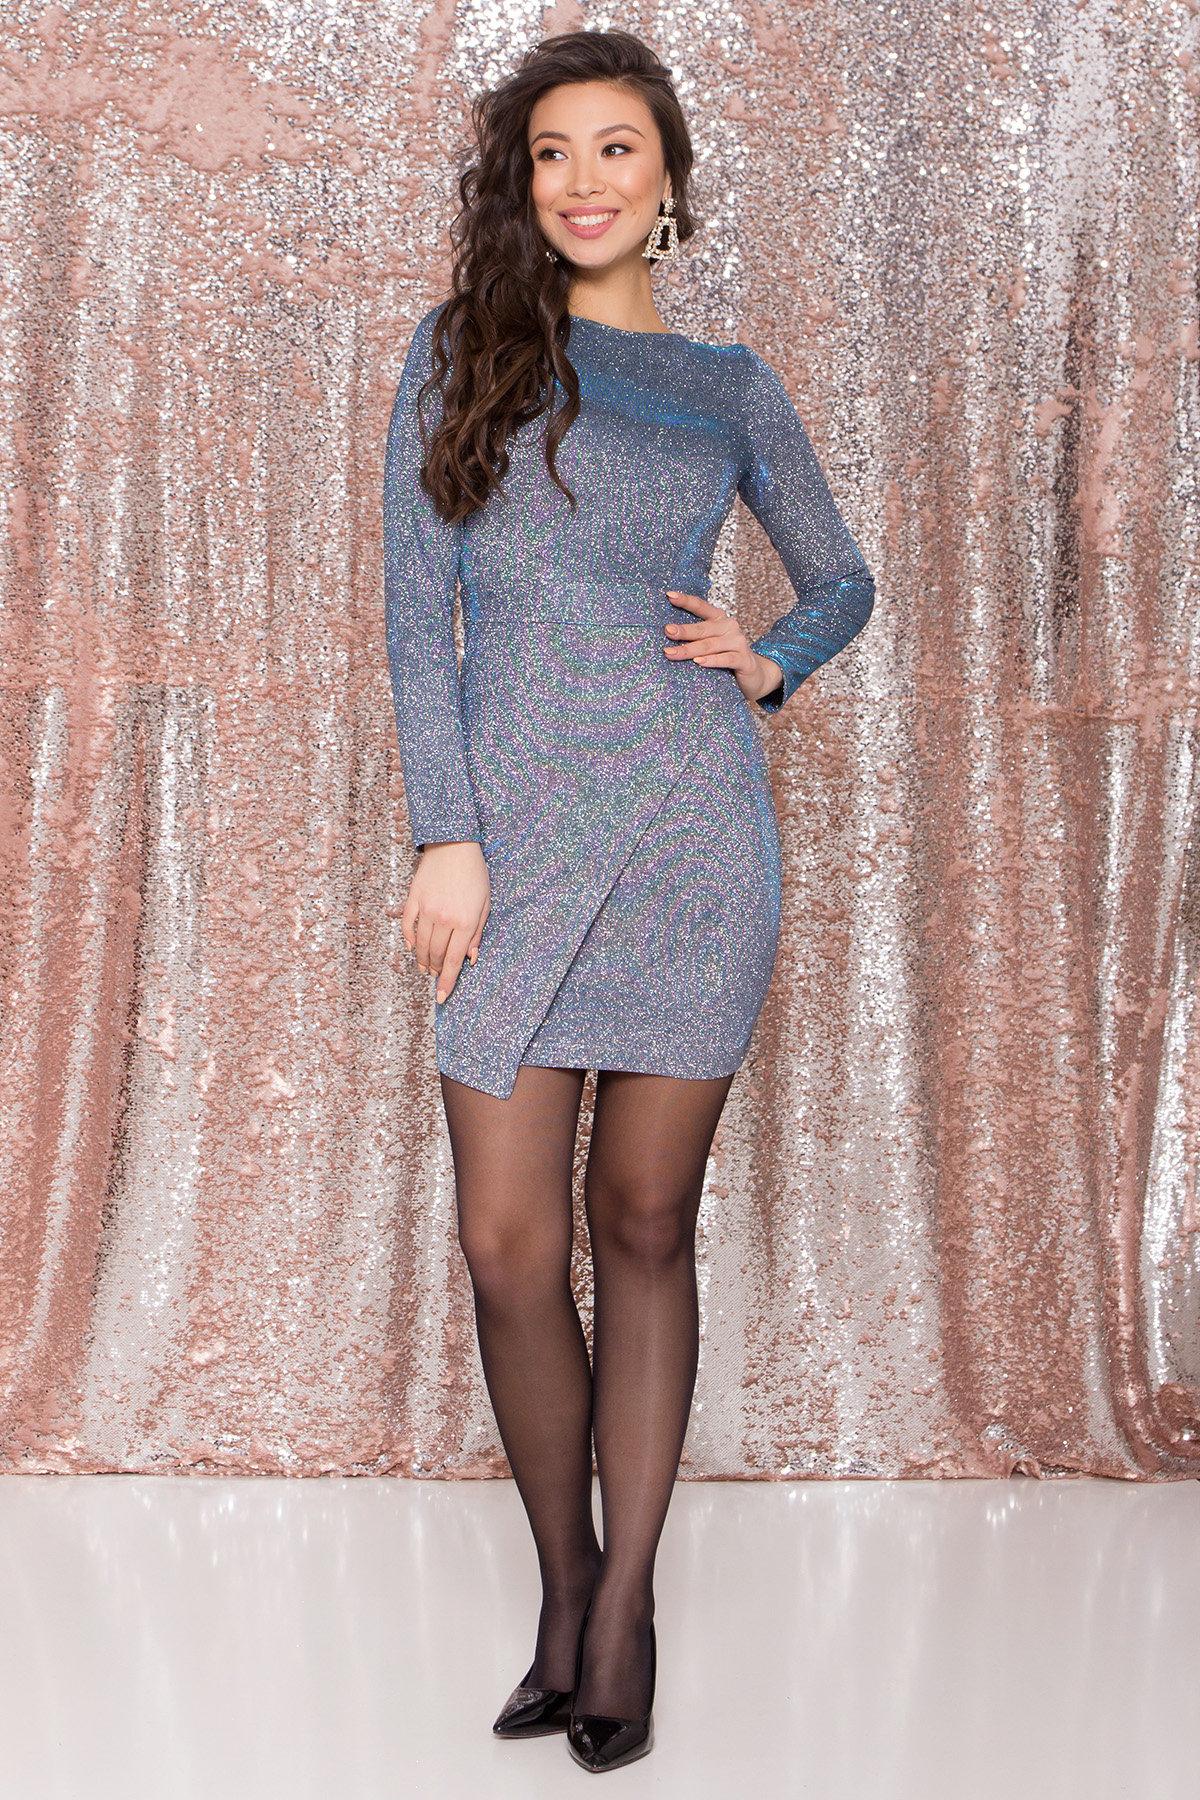 Коктейльное платье Кристал 8346 Цвет: Серебро/бирюза/электрик